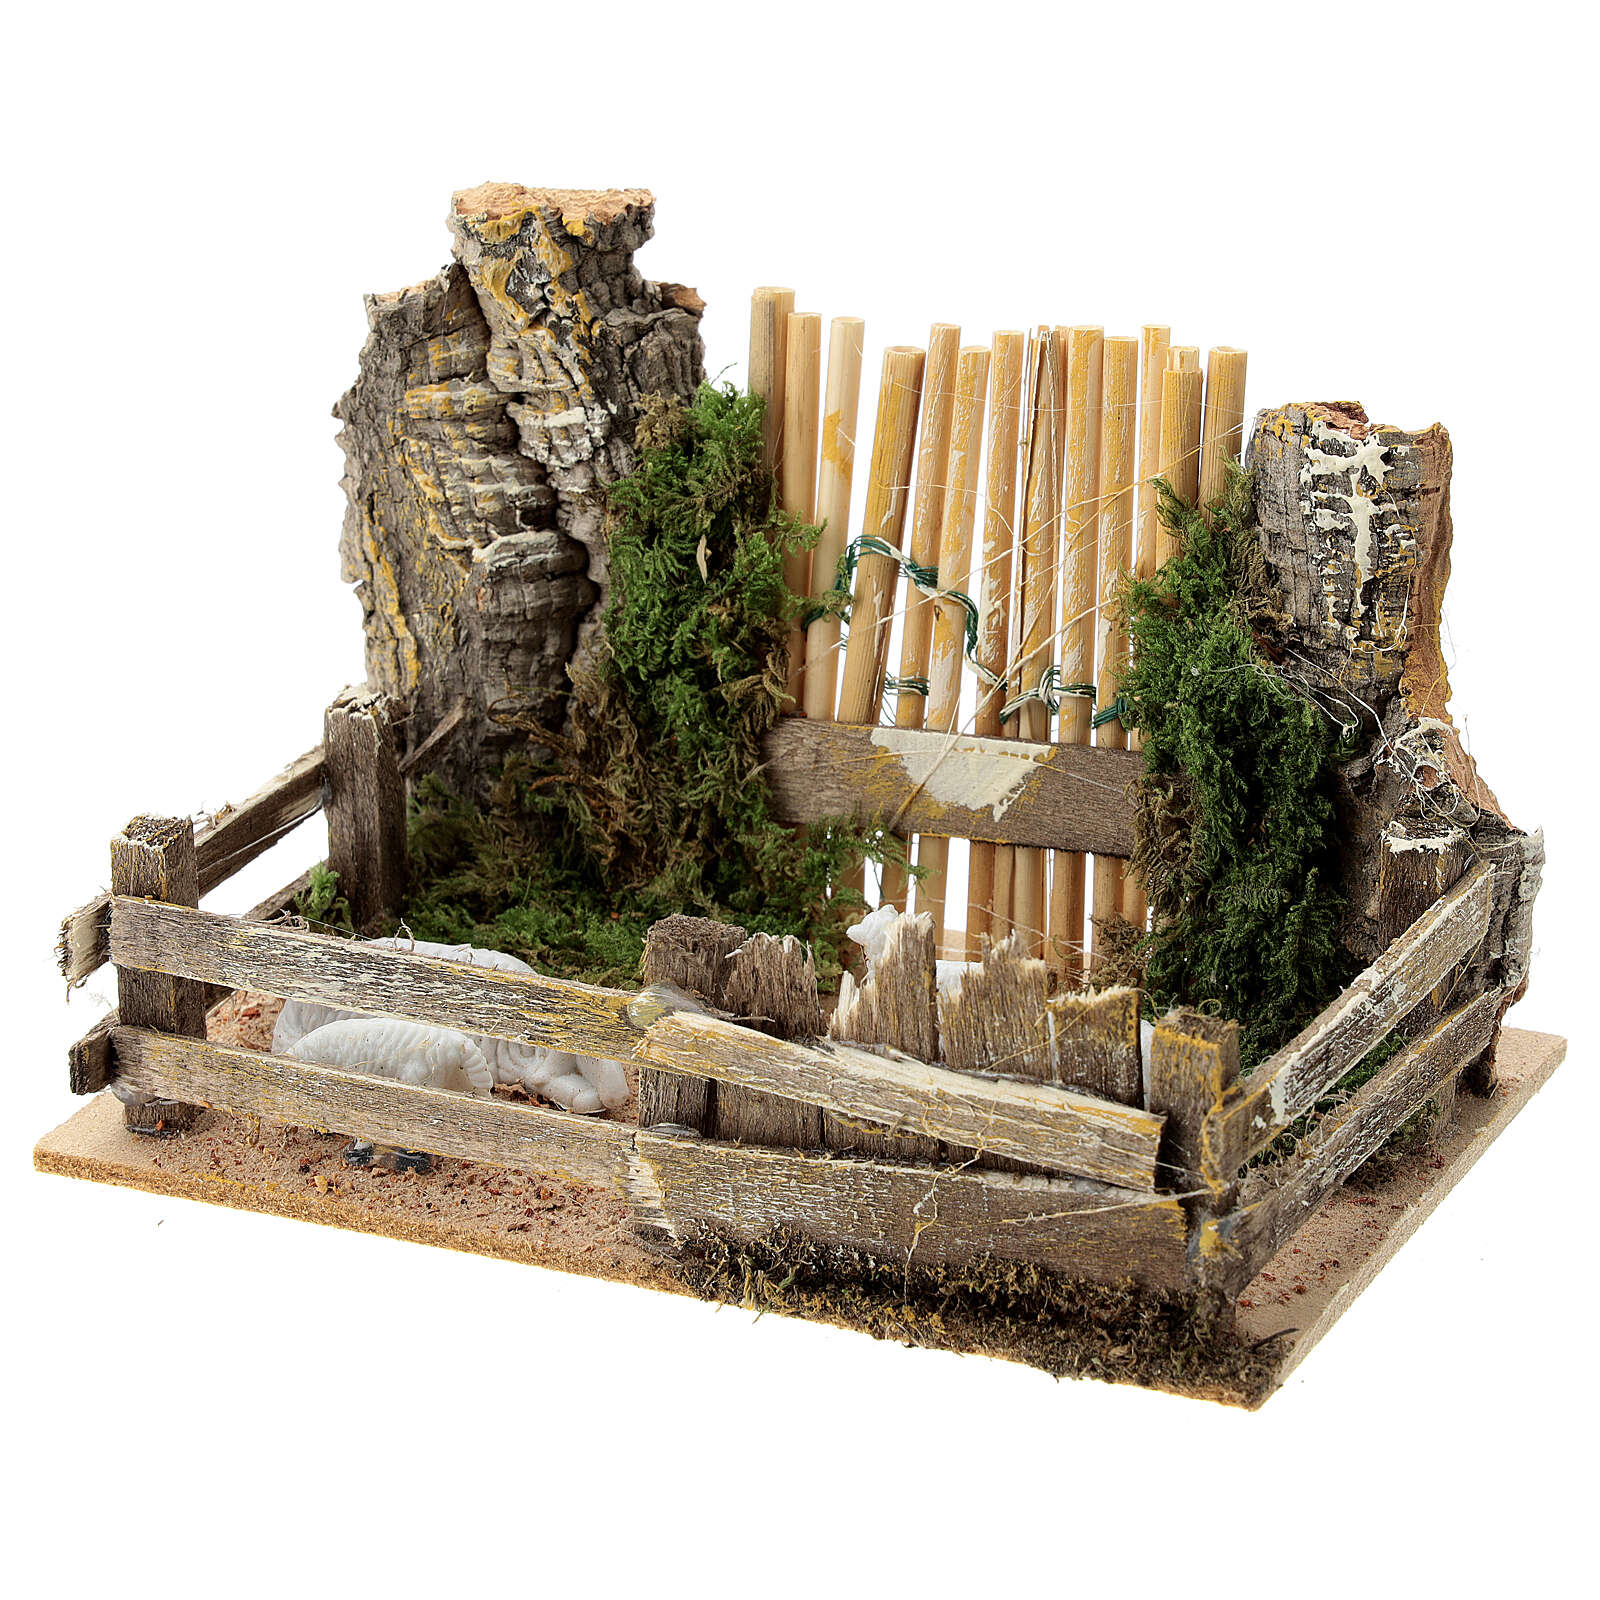 Recinto pecore legno sughero cancello 10x15x10 cm presepi 8 cm 4